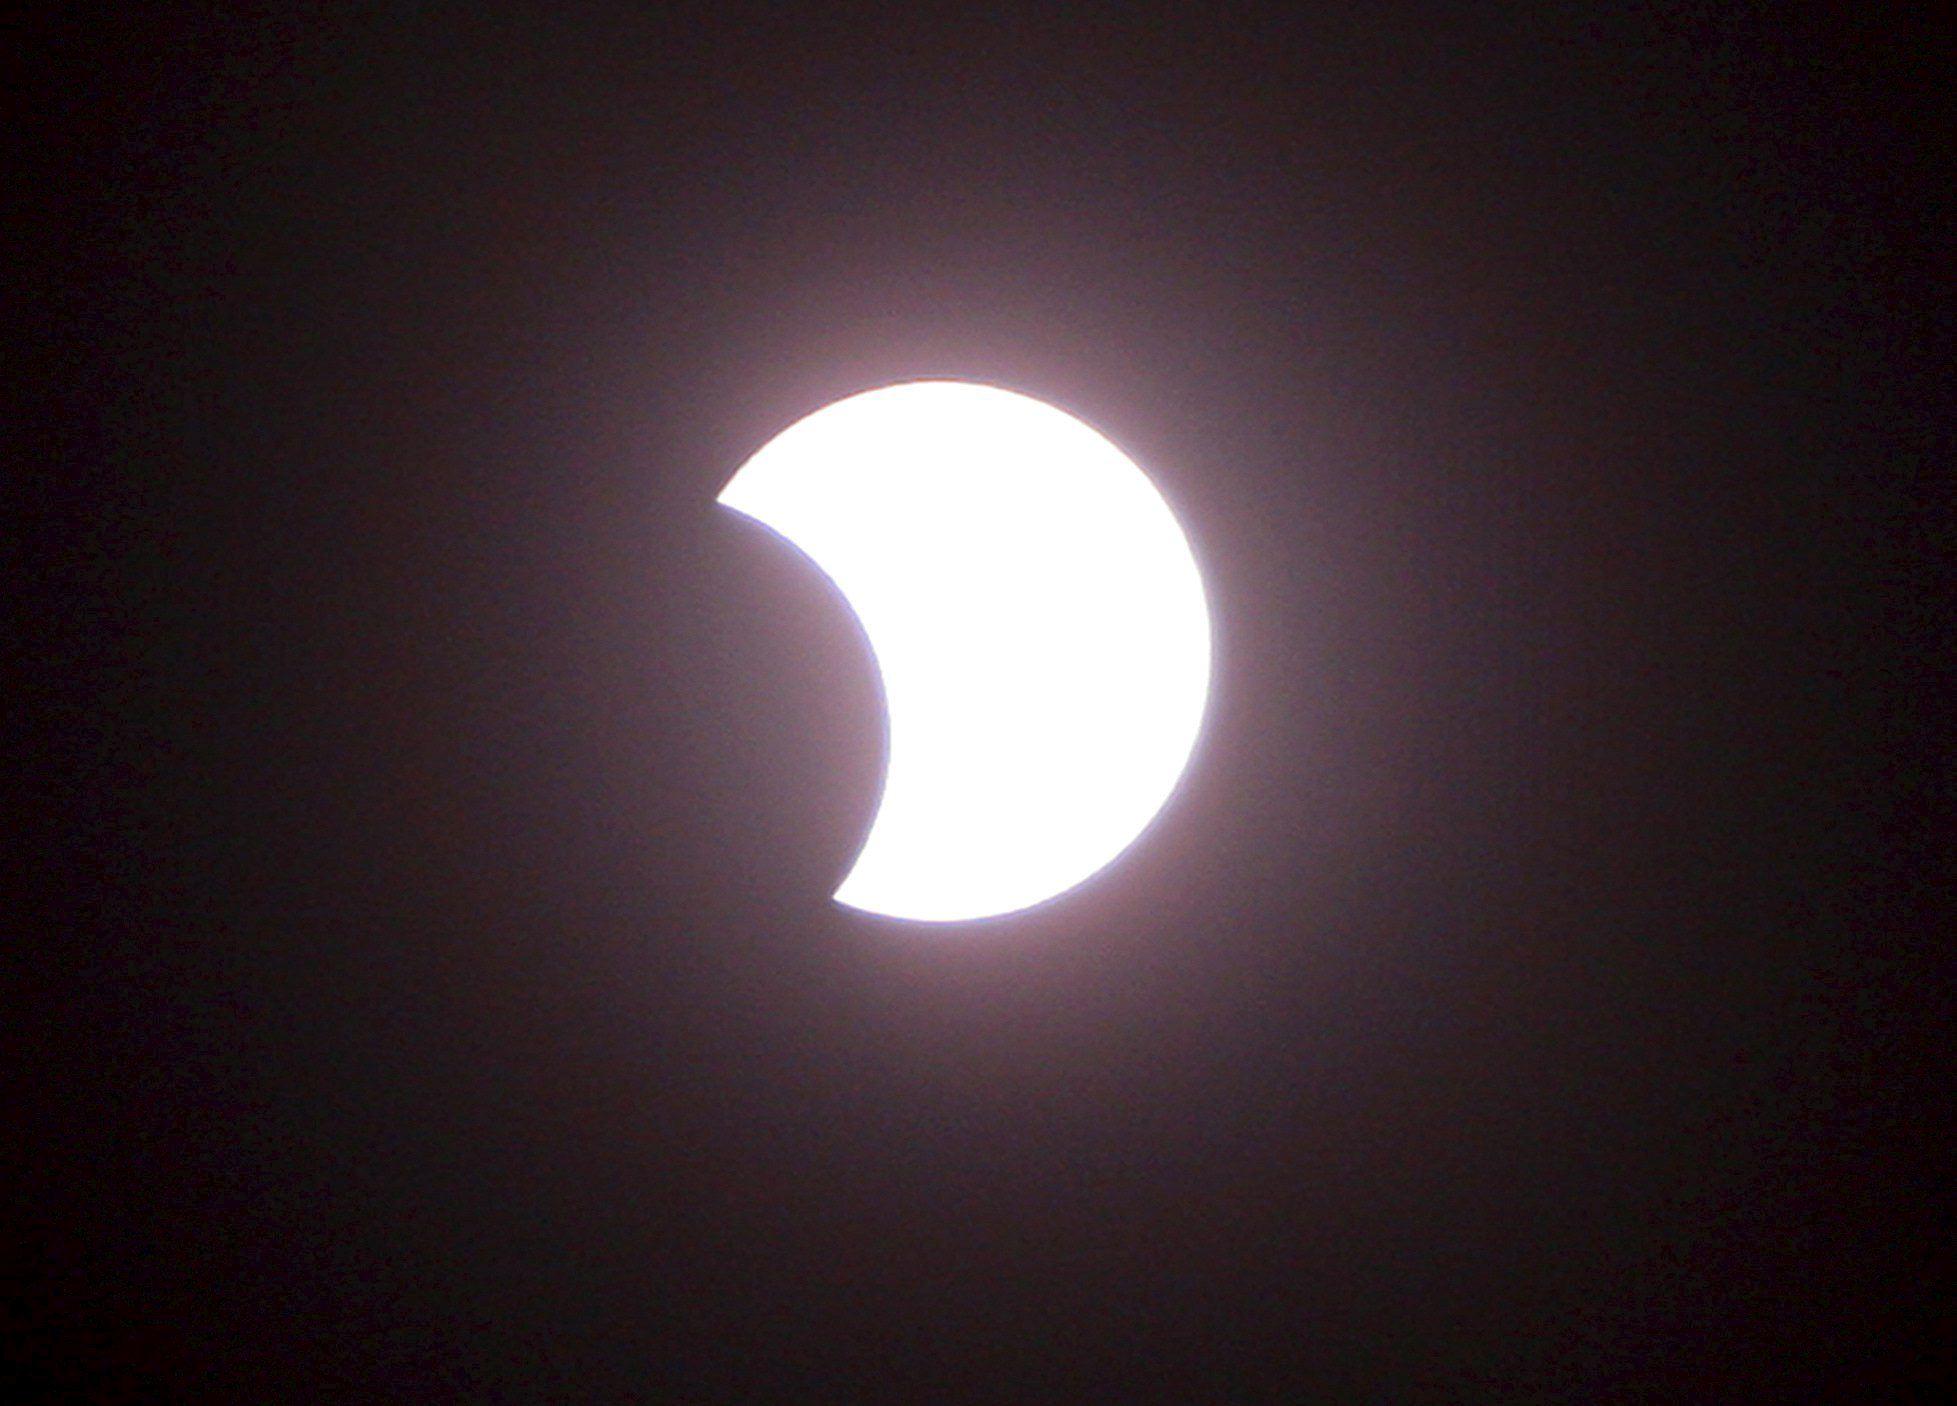 ¿Qué debes saber sobre el eclipse solar del 21 de agosto?